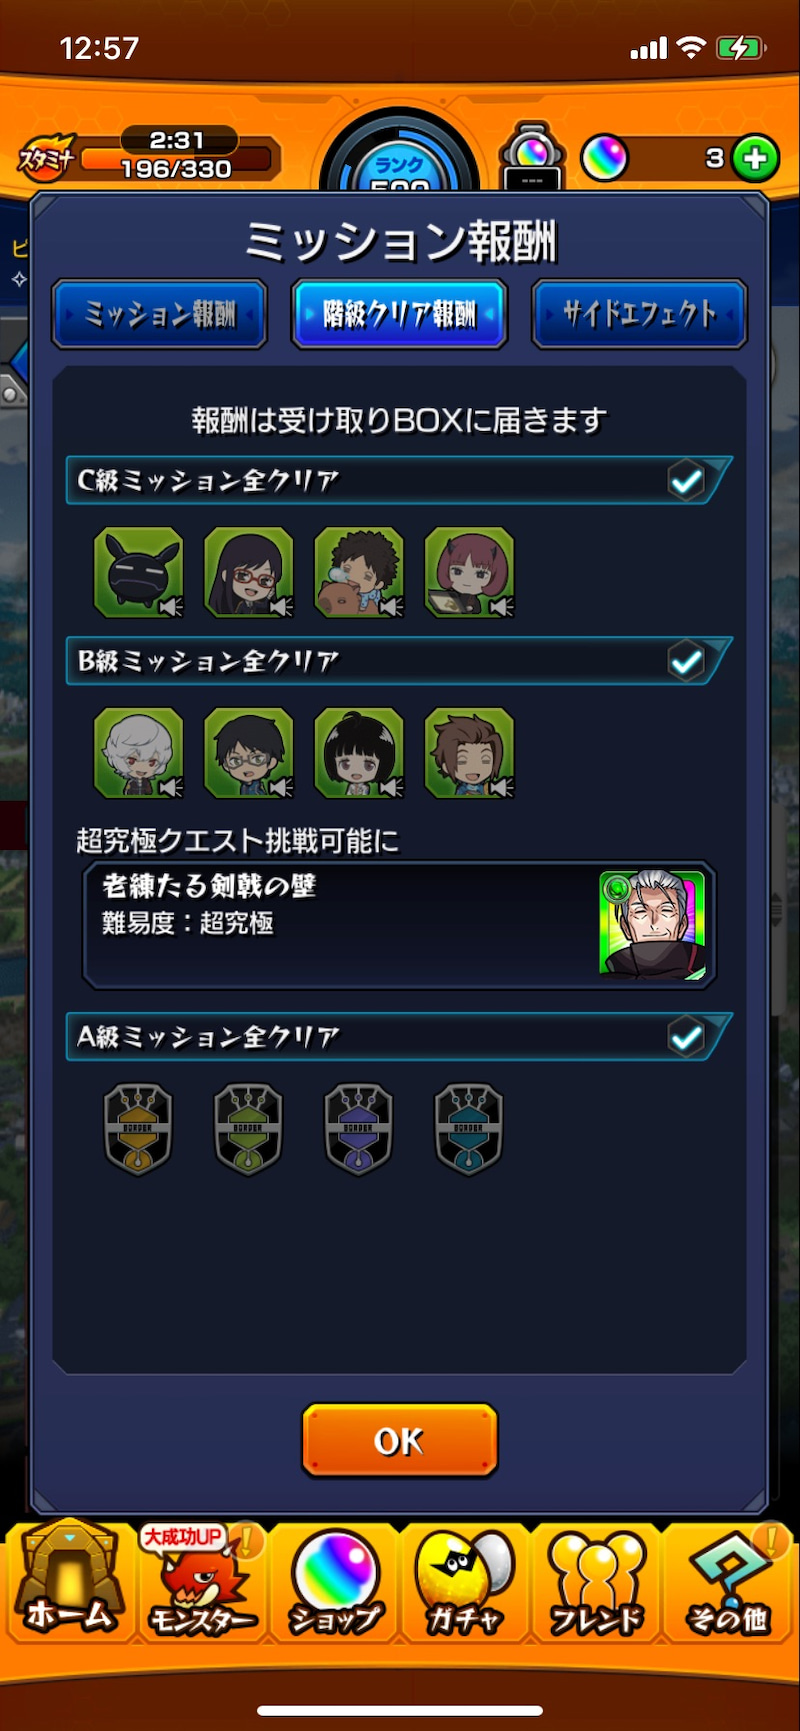 ワールド トリガー ミッション モンスト